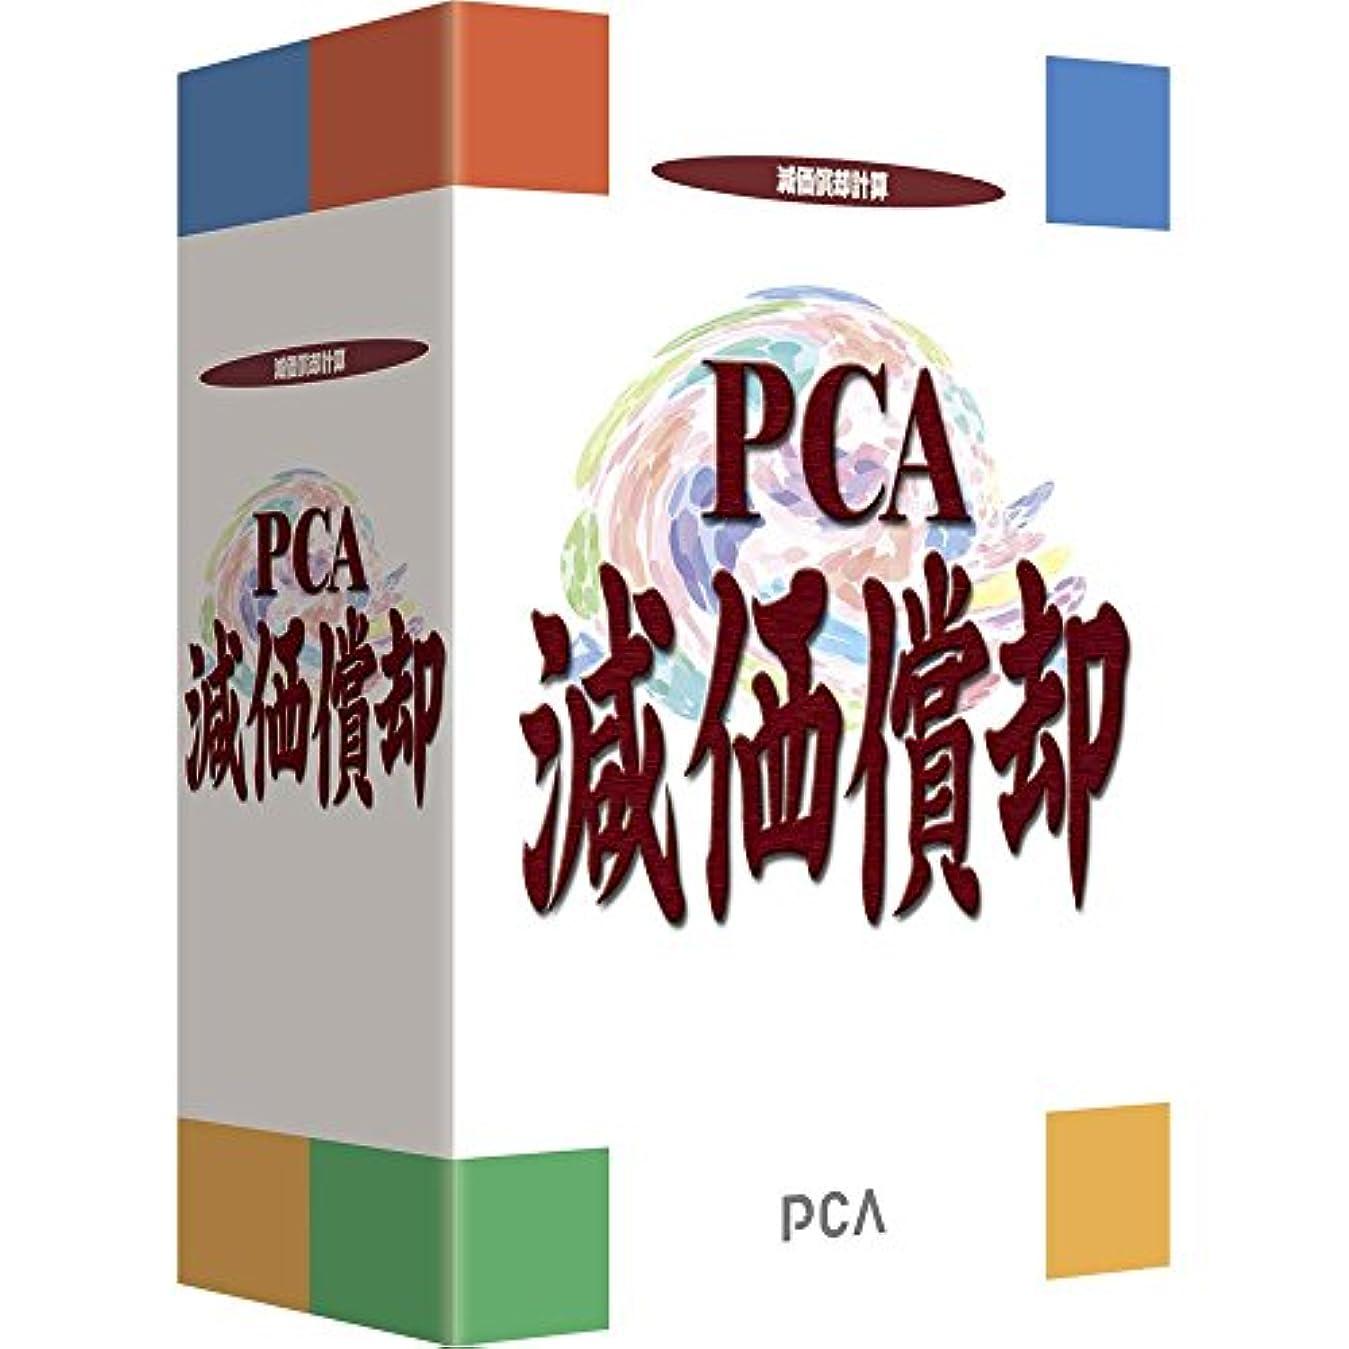 監督するナビゲーション時代PCA減価償却V.3 with SQL 15クライアント